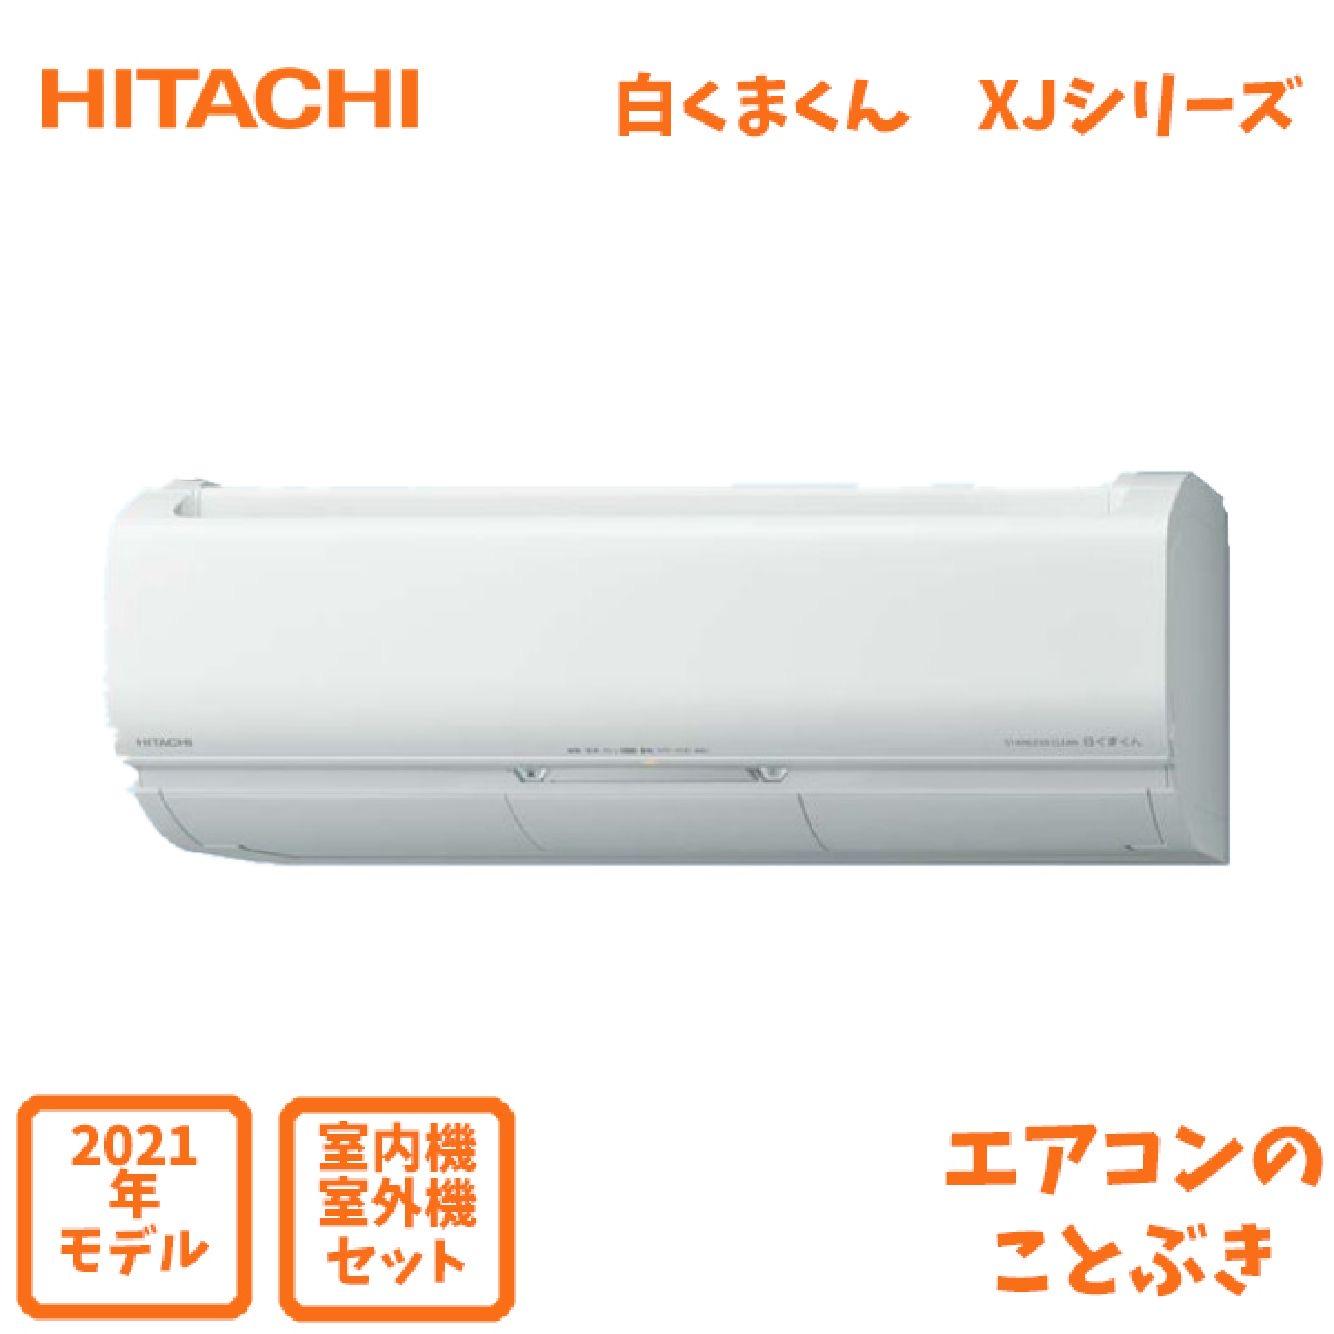 新しい到着 日立 エアコン RAS-XJ56L2-W 主に18畳用(5.6kW) XJシリーズ 白くまくん 日立 主に18畳用(5.6kW) ※単相200V RAS-XJ56L2-W 送料無料(北海道、沖縄、離島除く) 2021年モデル, 安心ペットフードのお店ぷーちゃん:61399ad6 --- promilahcn.com